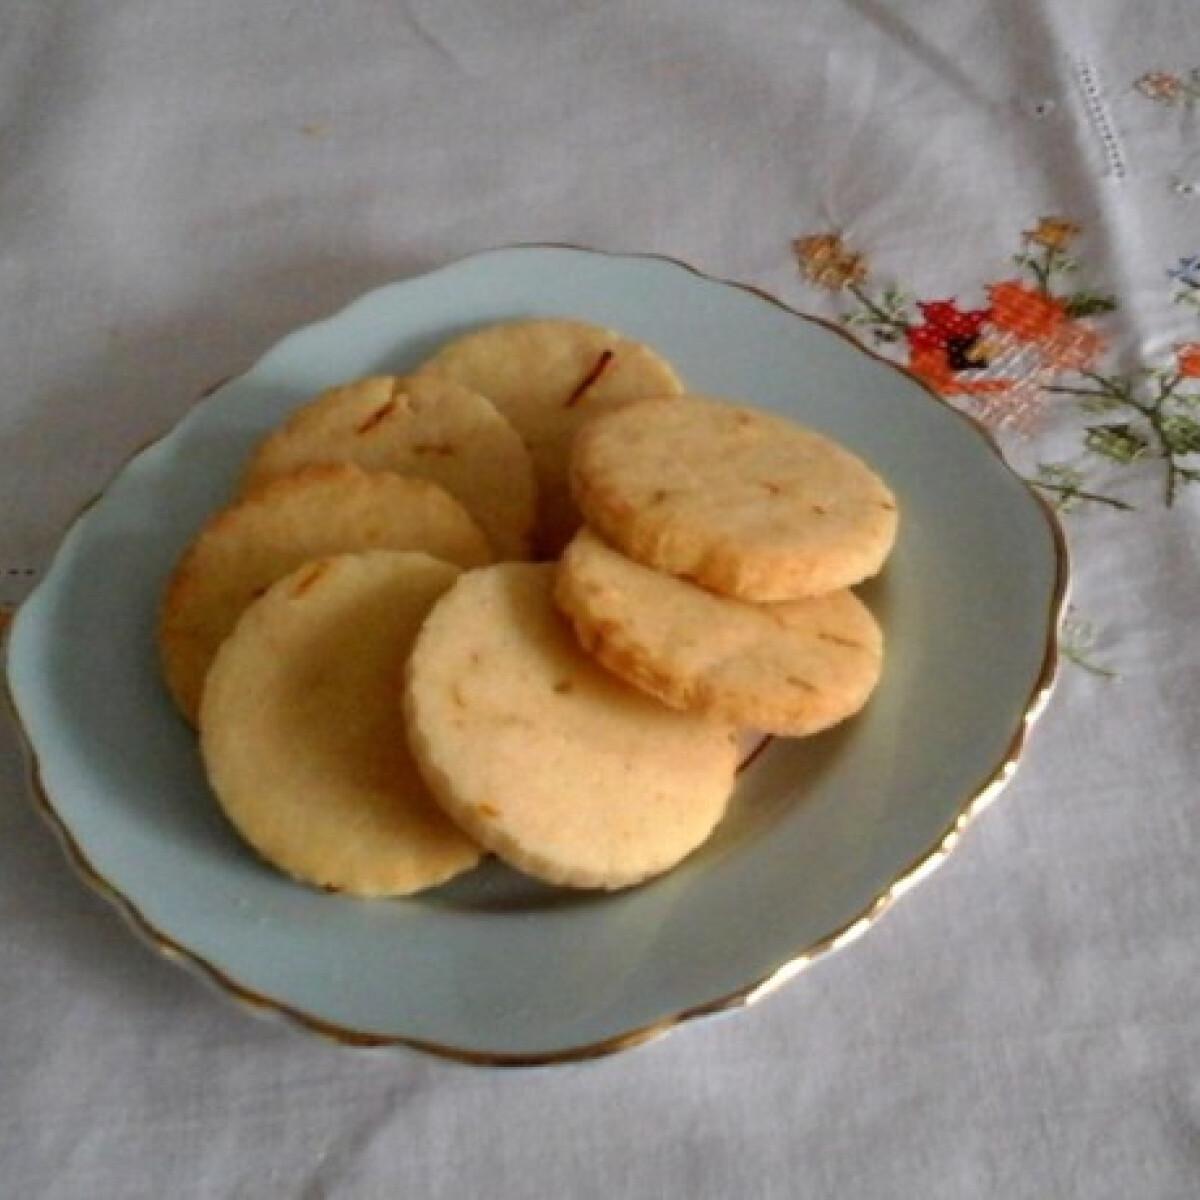 Ezen a képen: Gluténmentes libazsíros cookie narancshéjjal